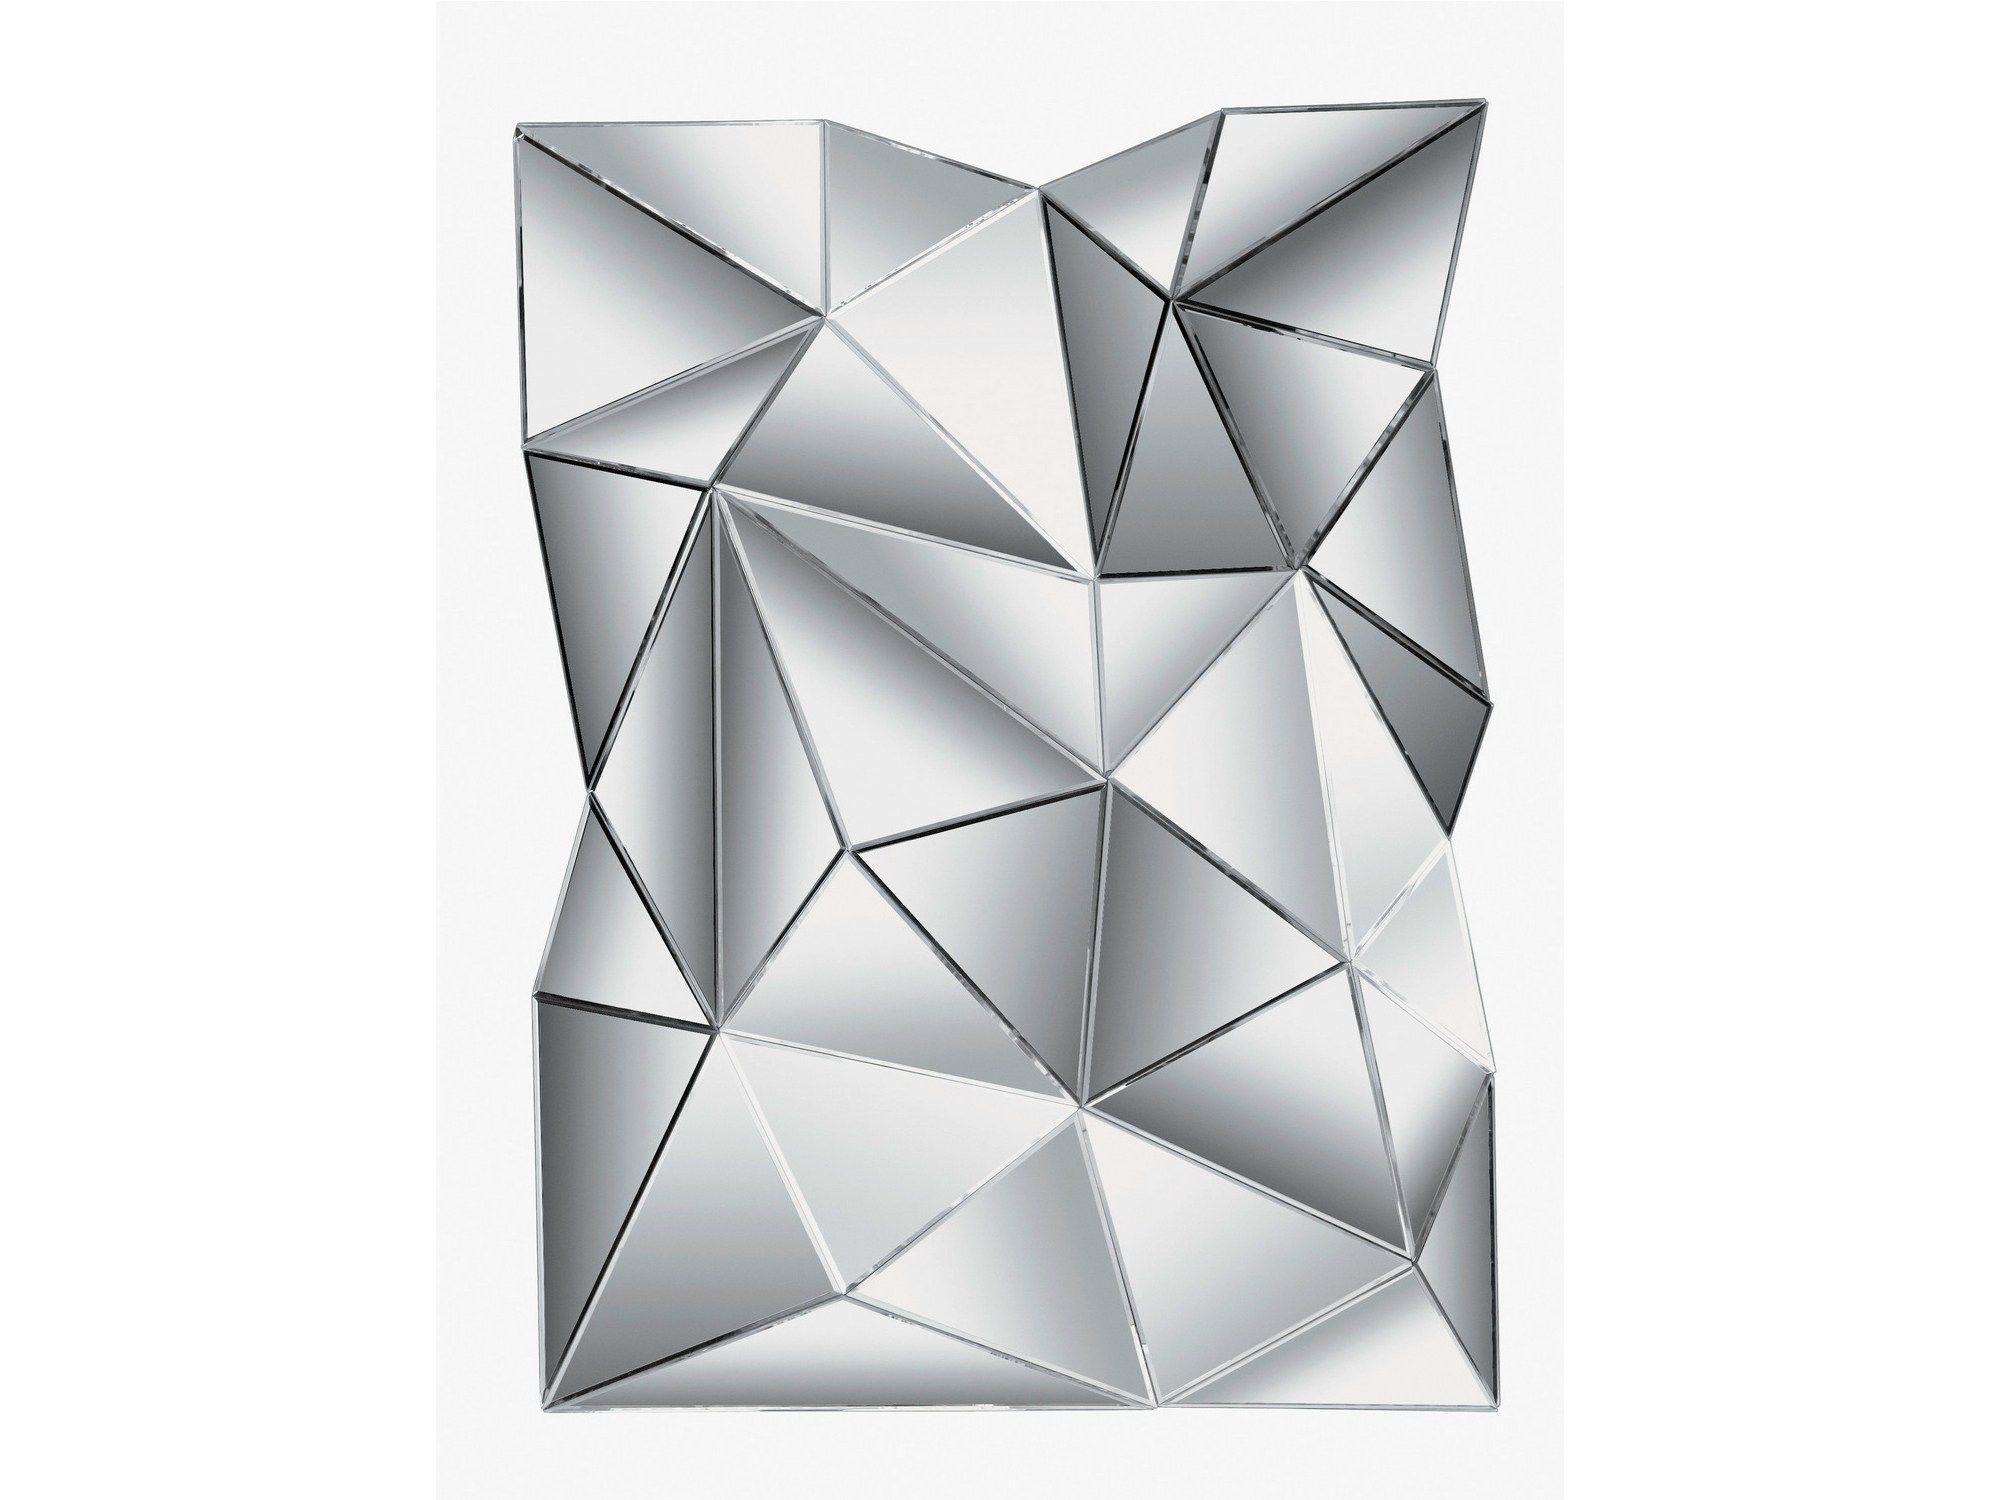 Prisma specchio by kare design - Specchio prisma riflessi prezzo ...